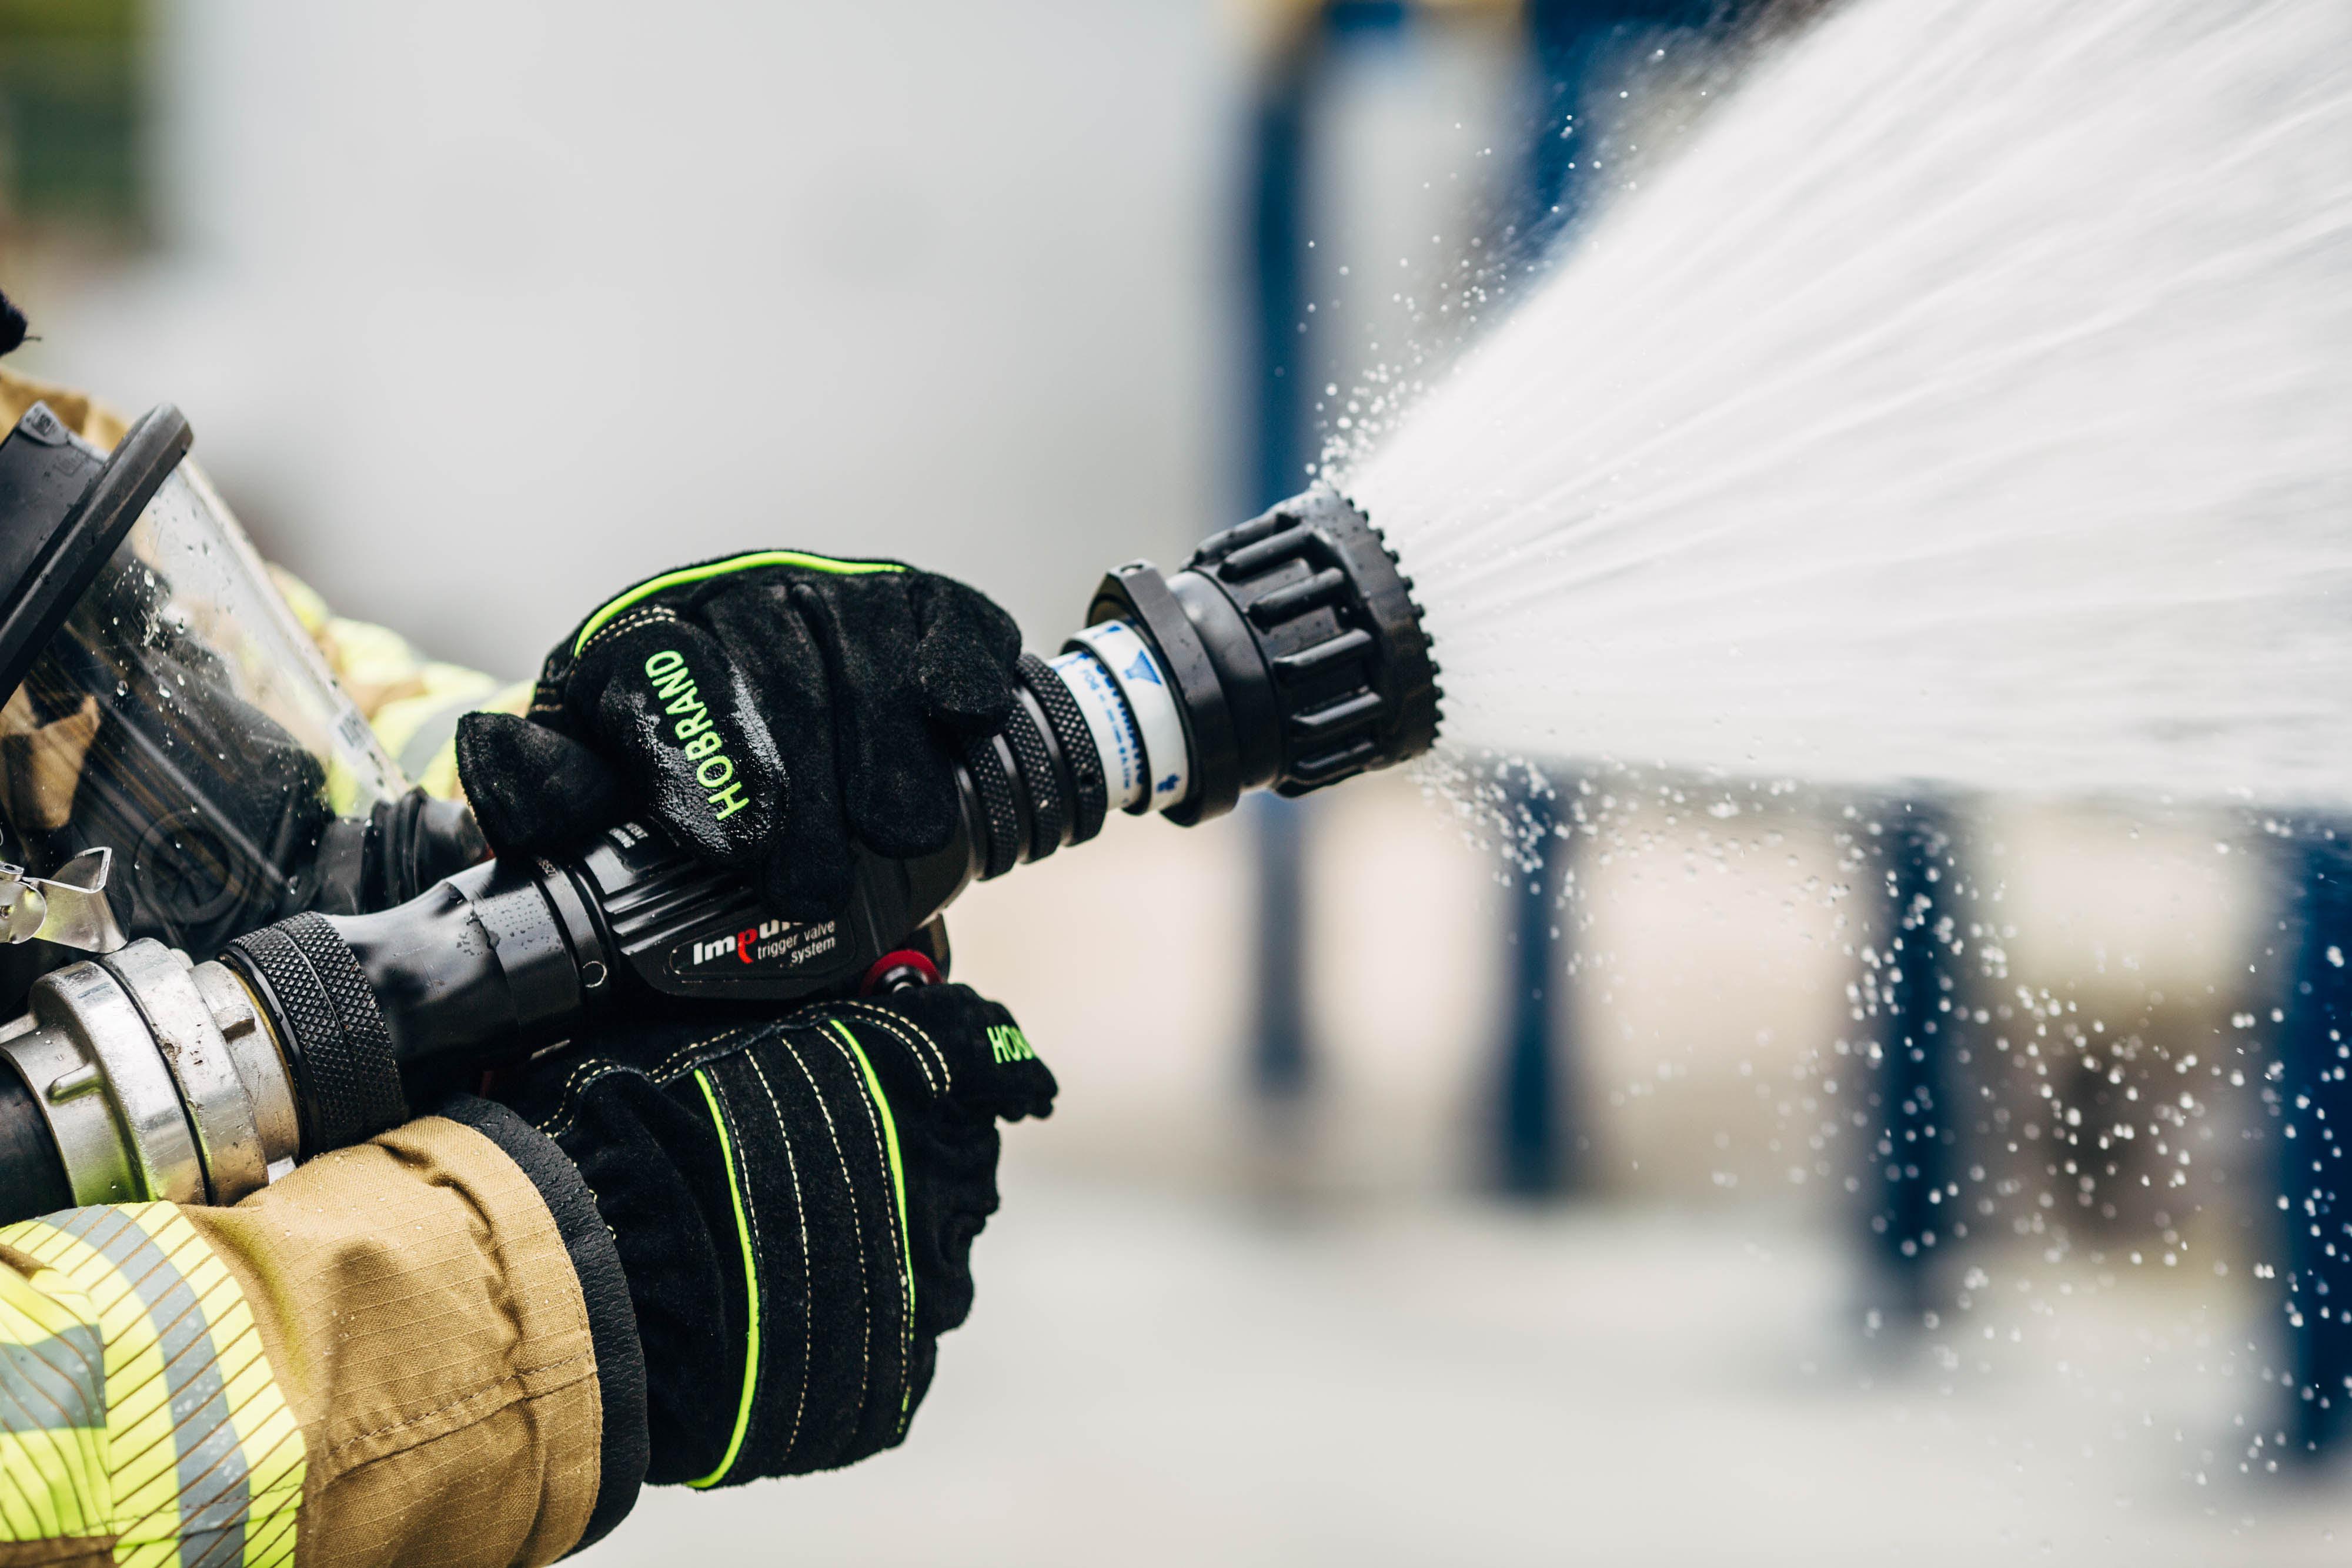 Hobrand | De totaalleverancier in brandweermaterialen